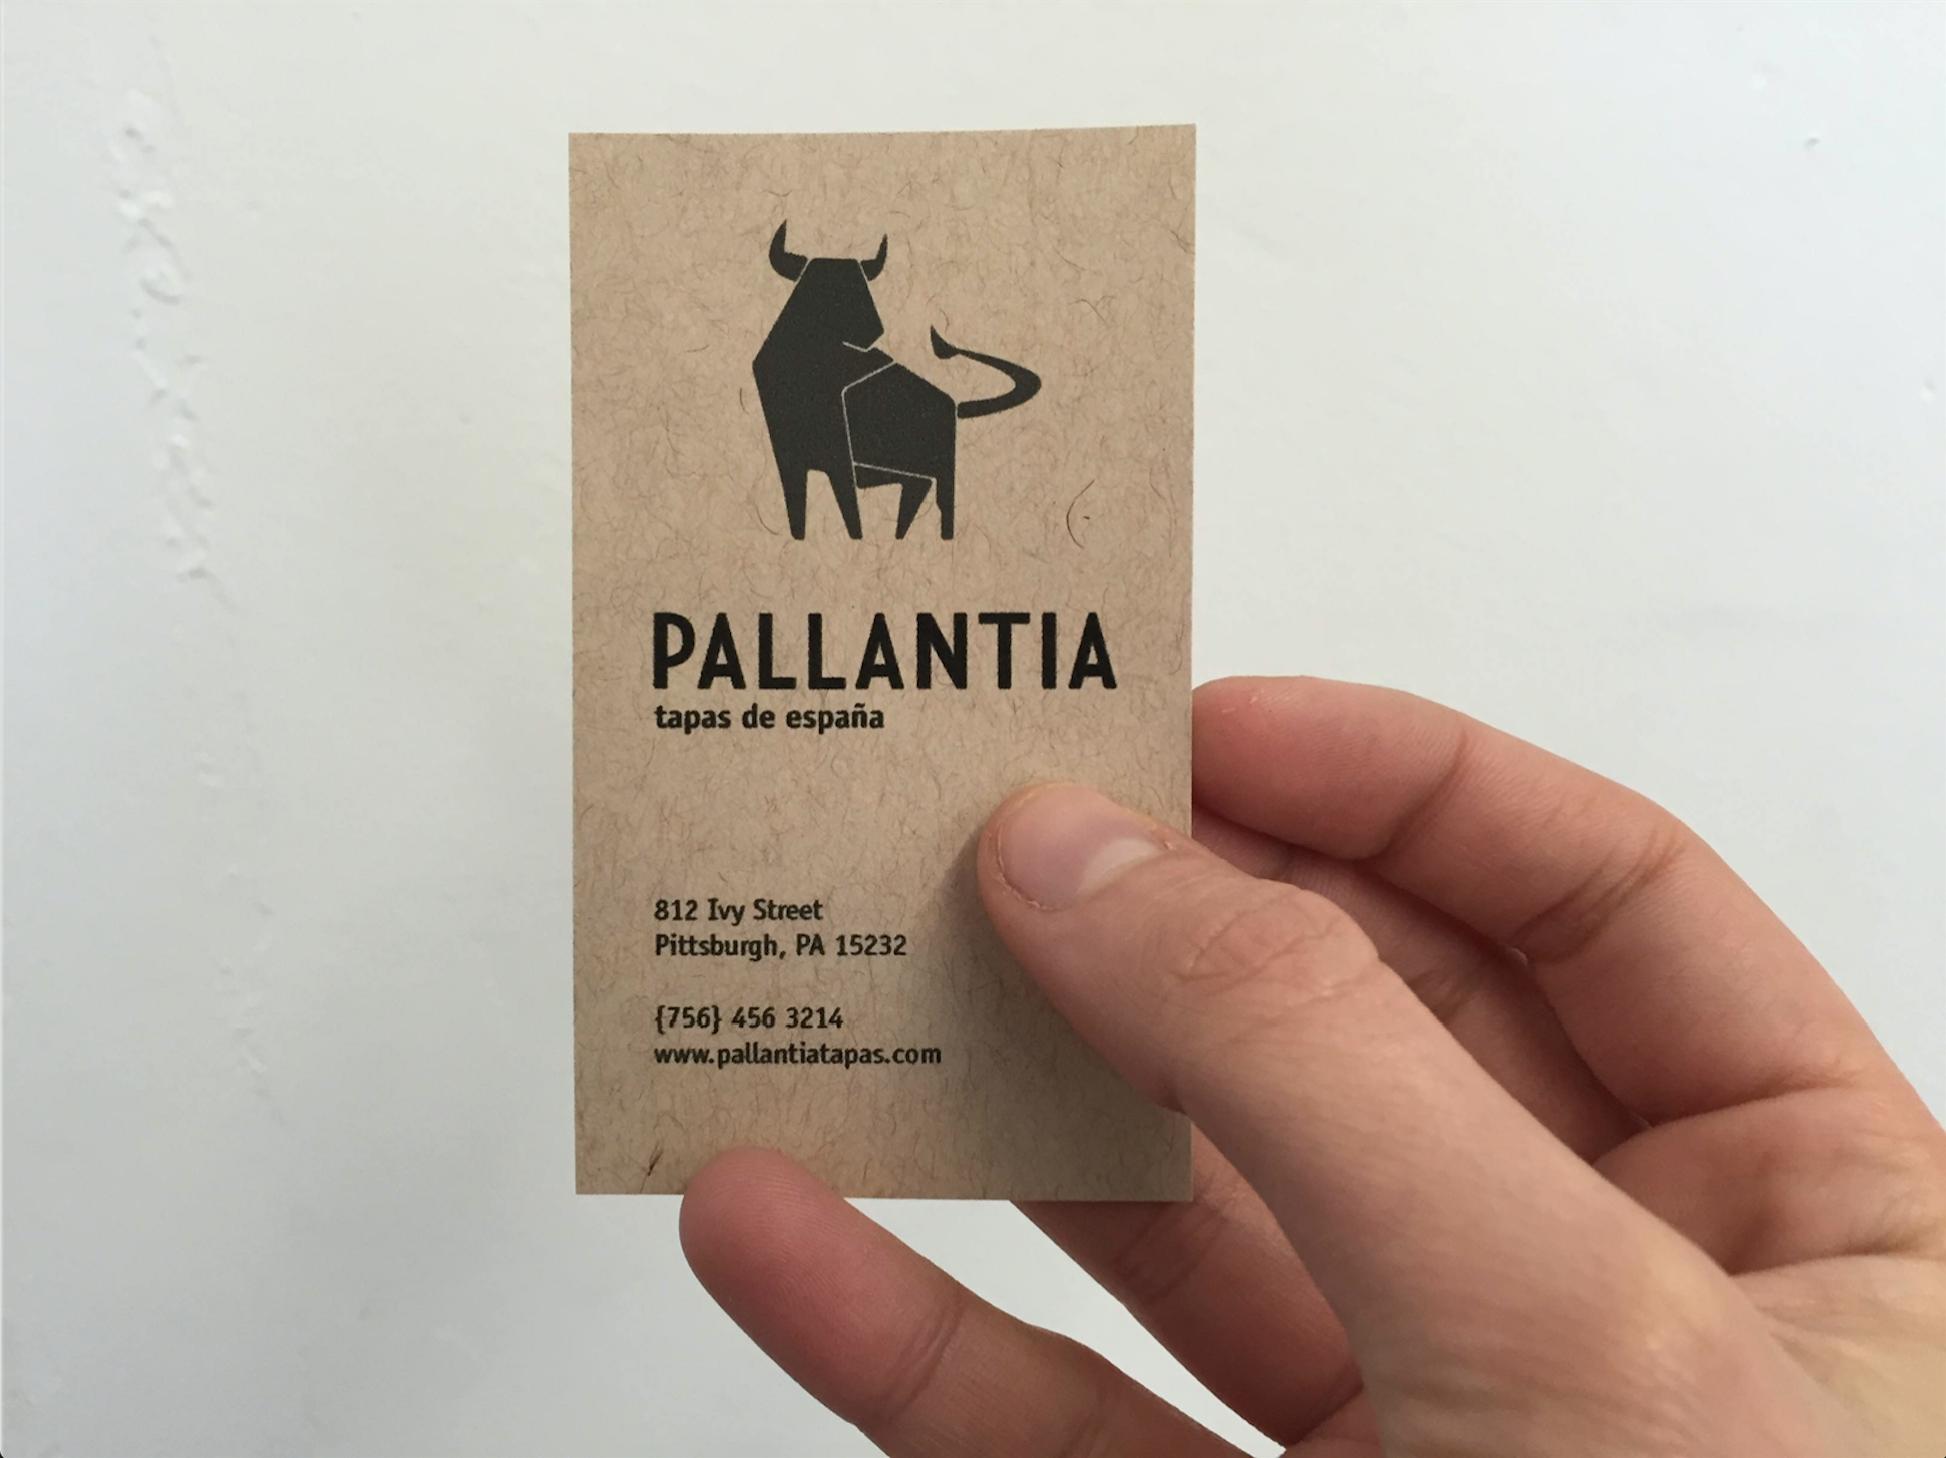 Pallantia | Identity Design